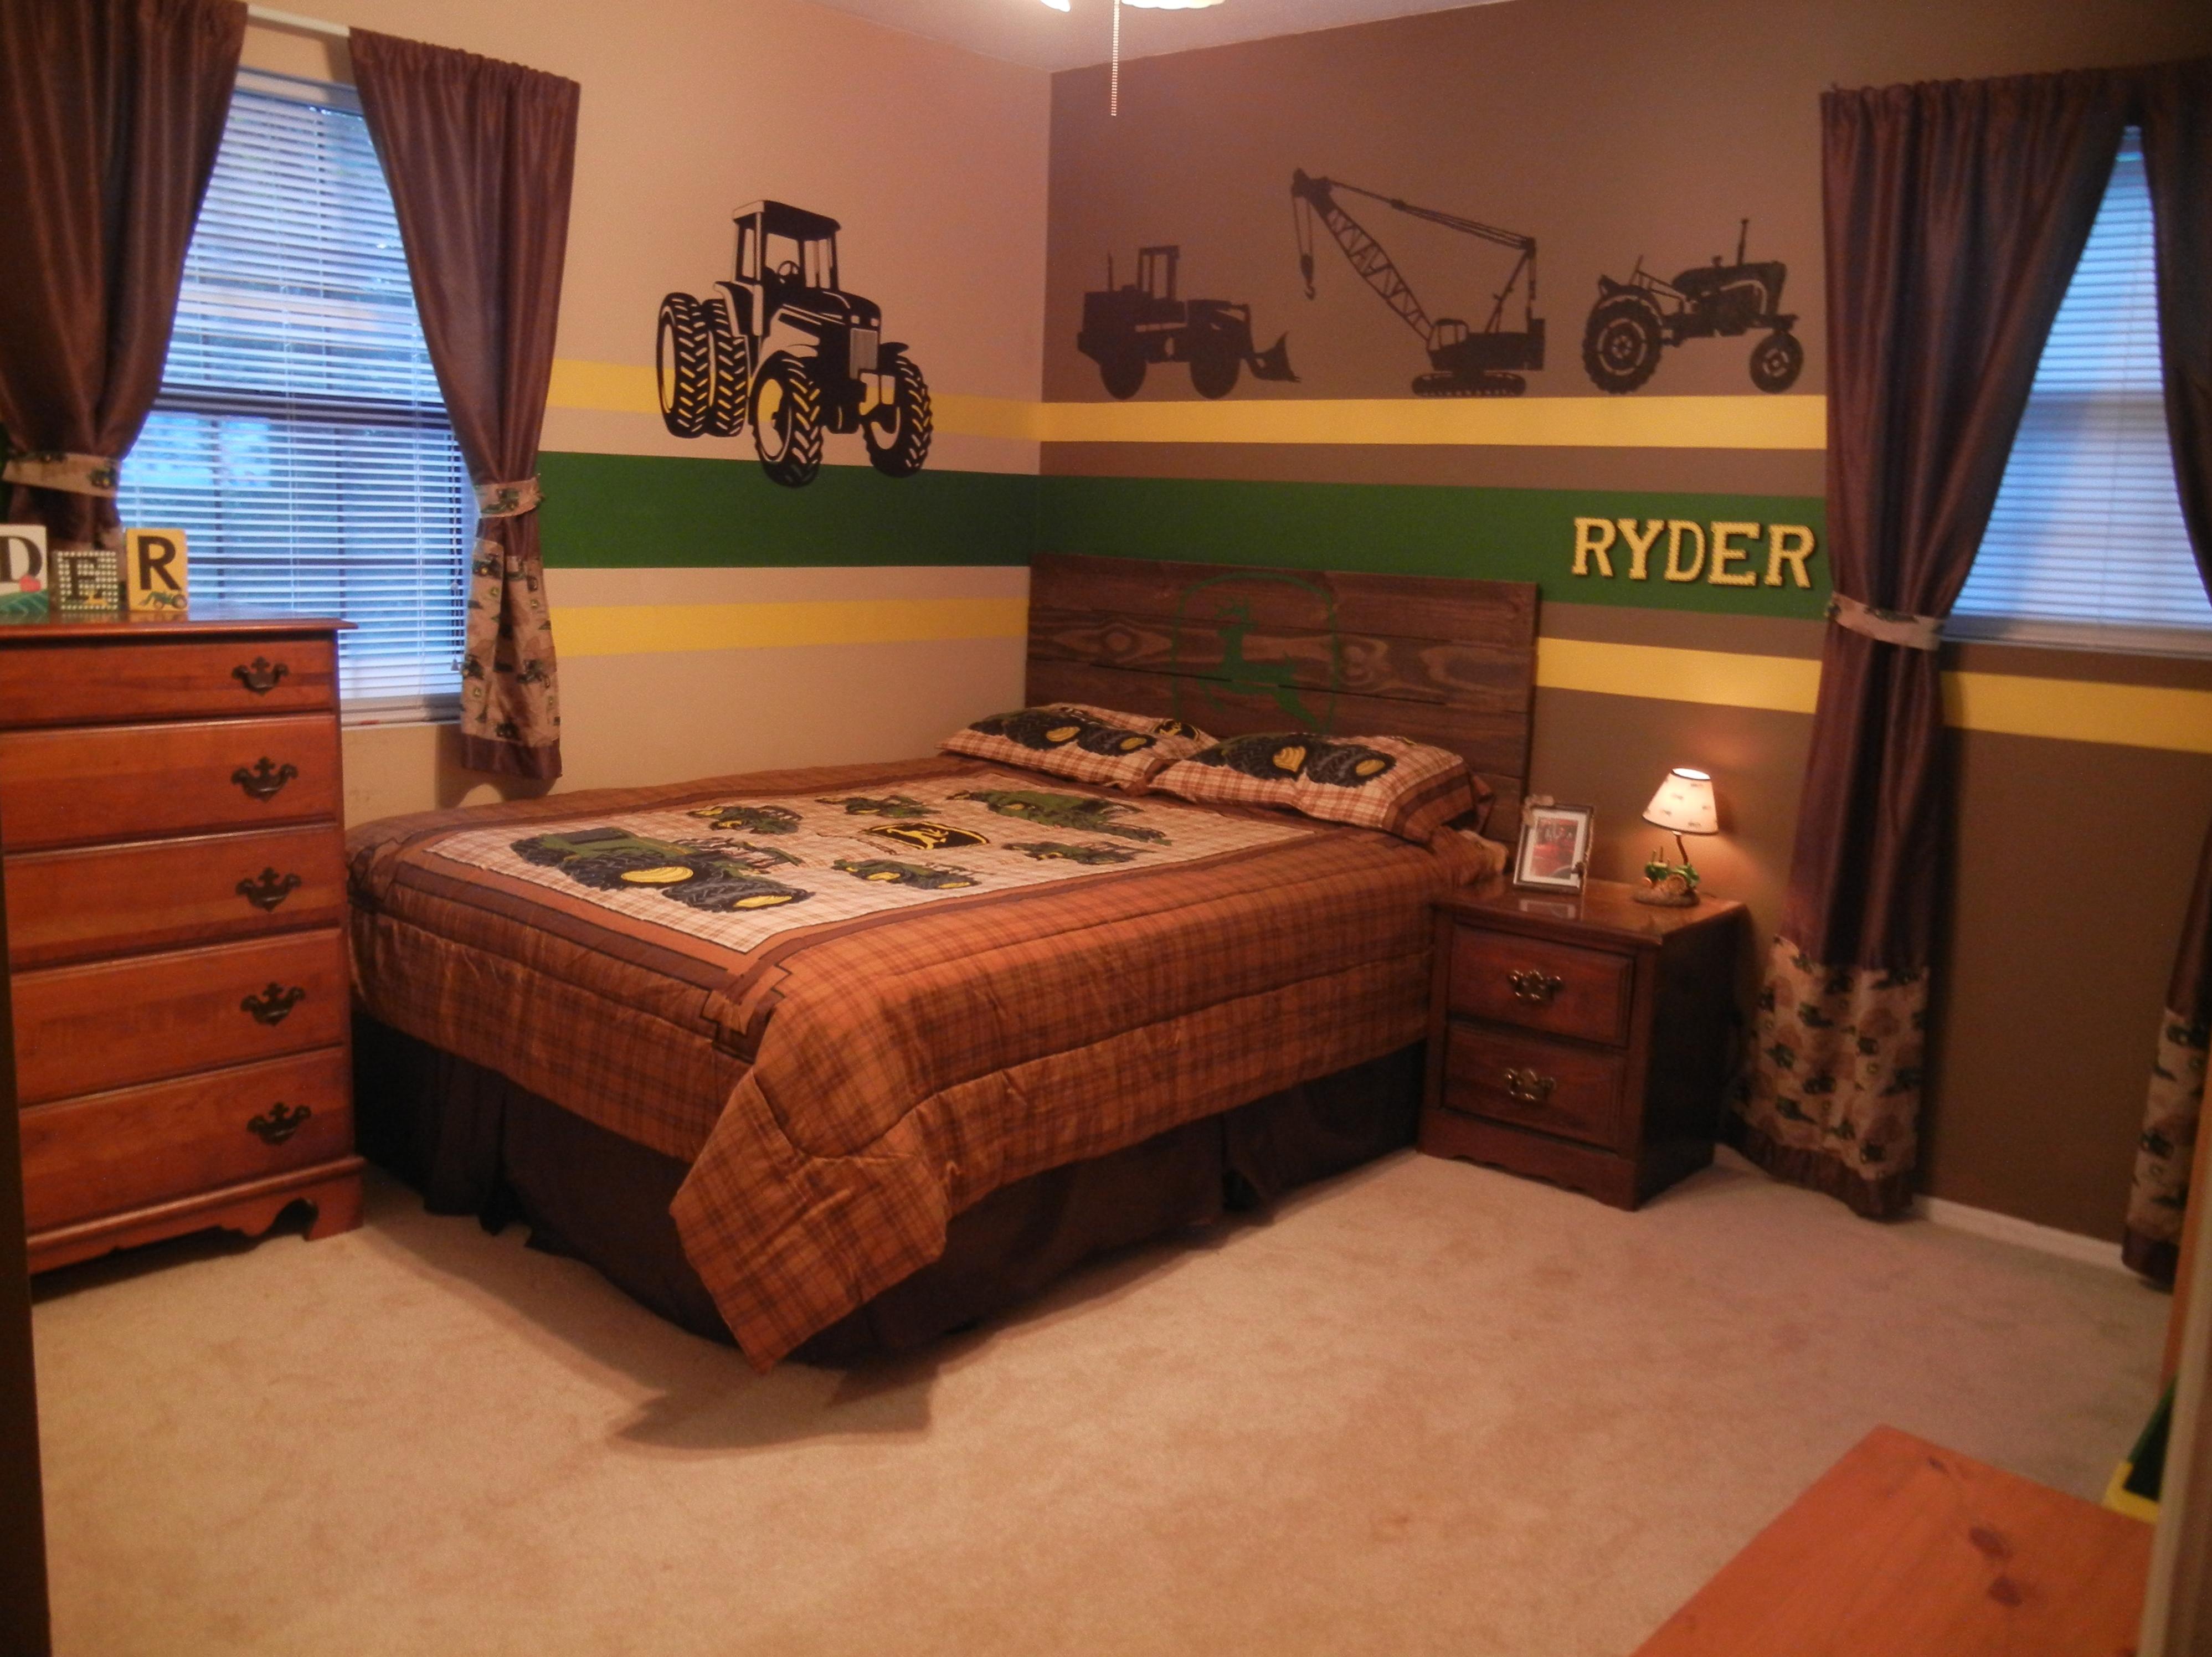 John Deere bedroom - tractors - little boy bedrooms | My Little B☺ys ...